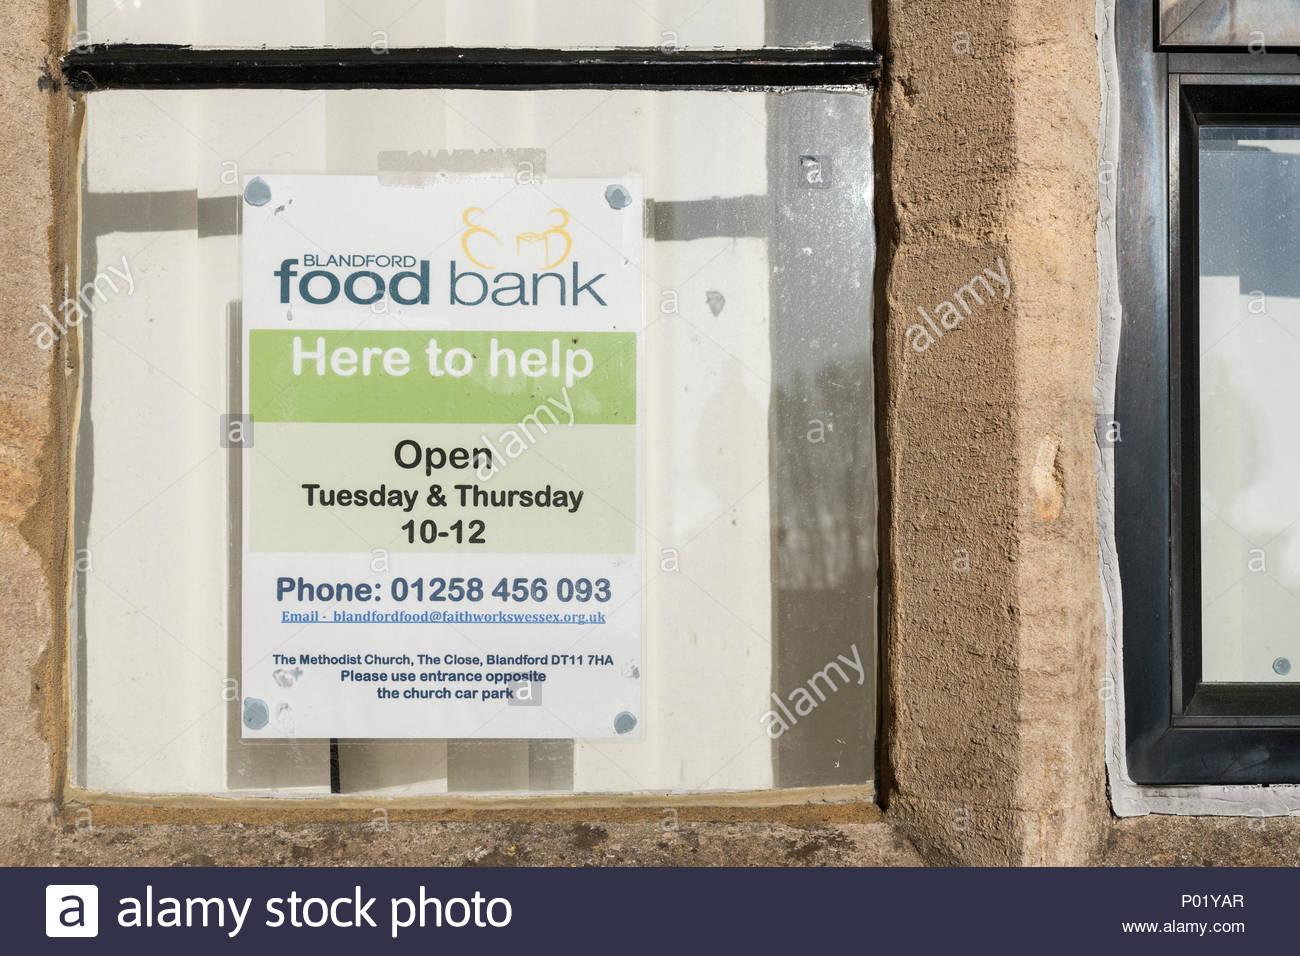 L'affiche de la banque alimentaire, Blandford, Dorset, England, UK Photo Stock